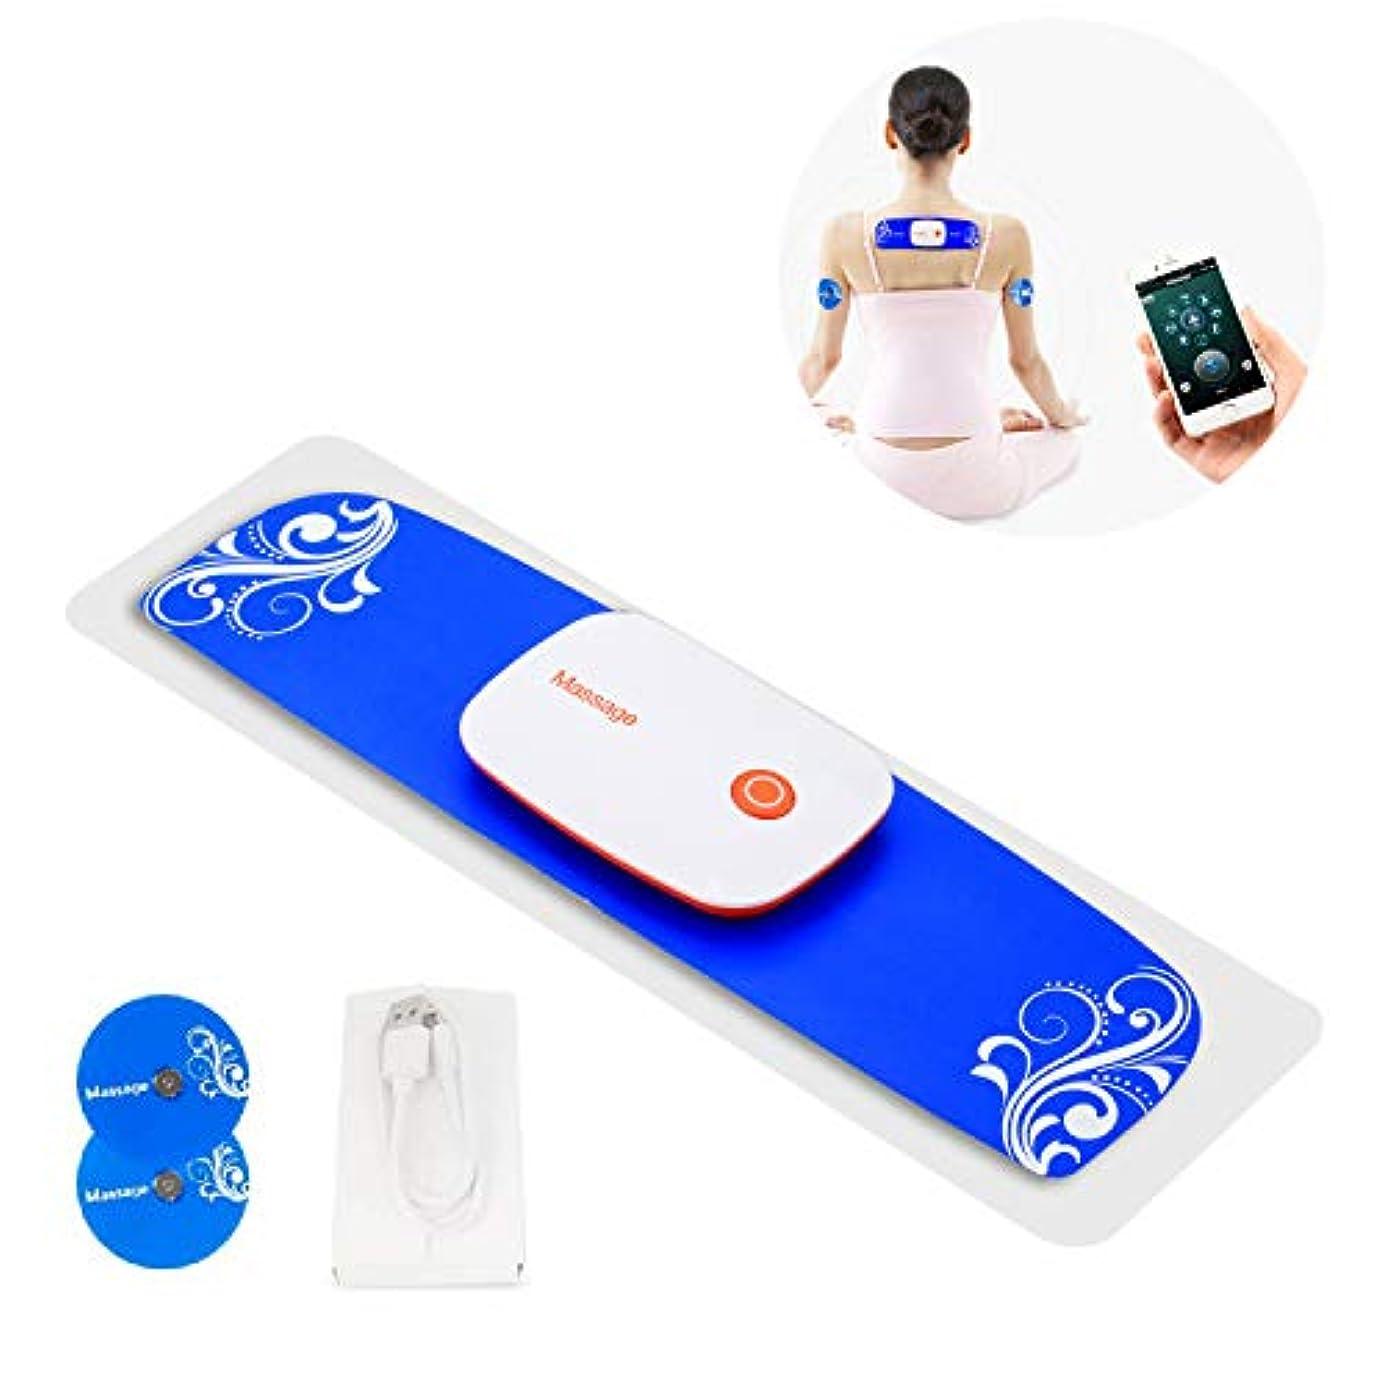 ミニマッサージャースマートAPPワイヤレスUSB充電式小型家庭用デジタル経絡ポータブルミニ子宮頸部マッサージの家庭用手順